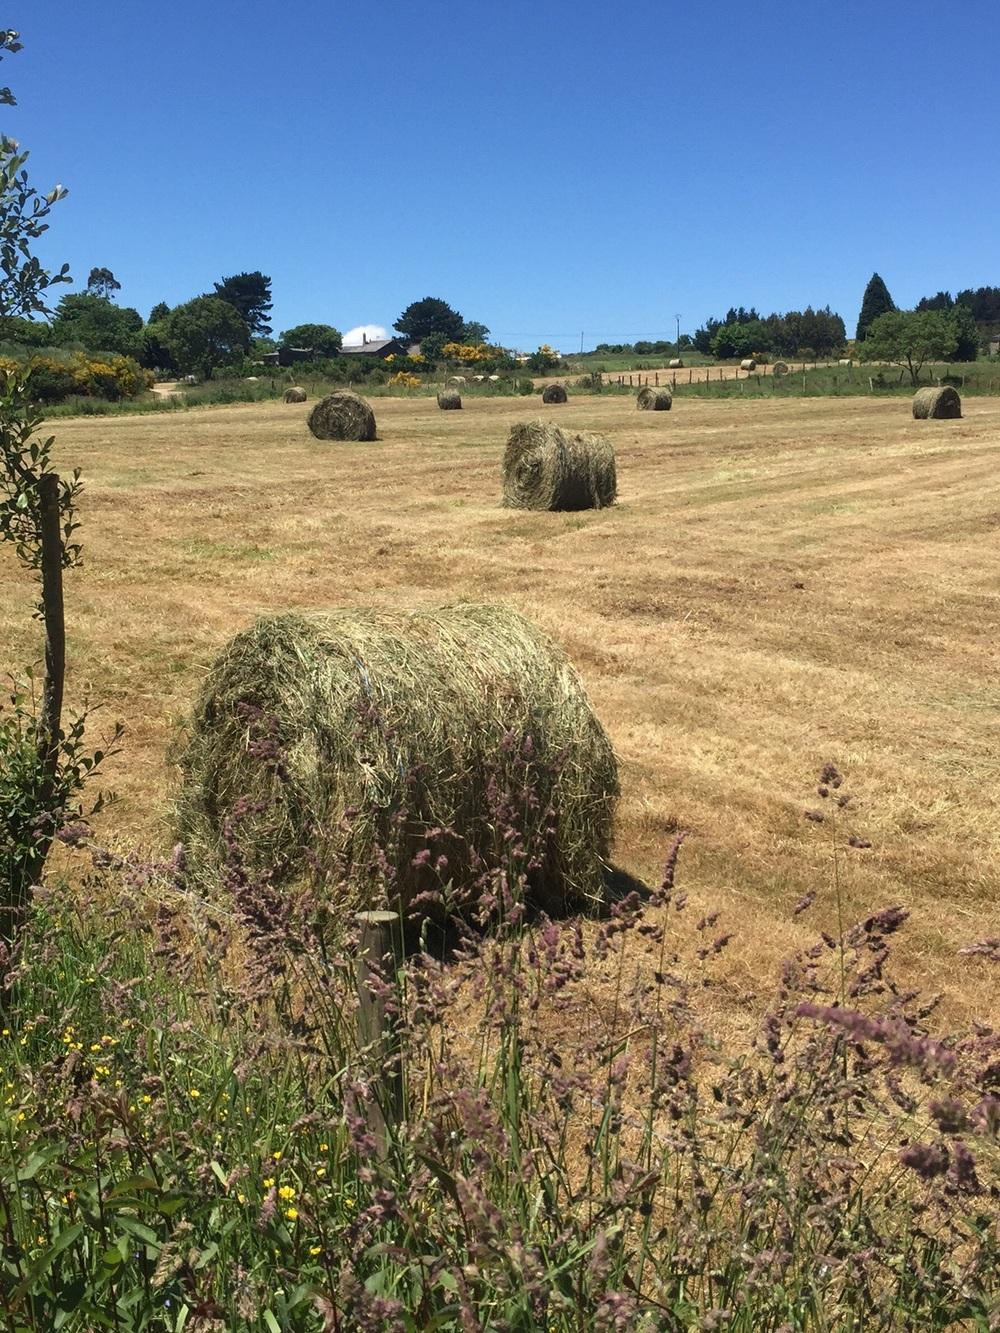 A few fields